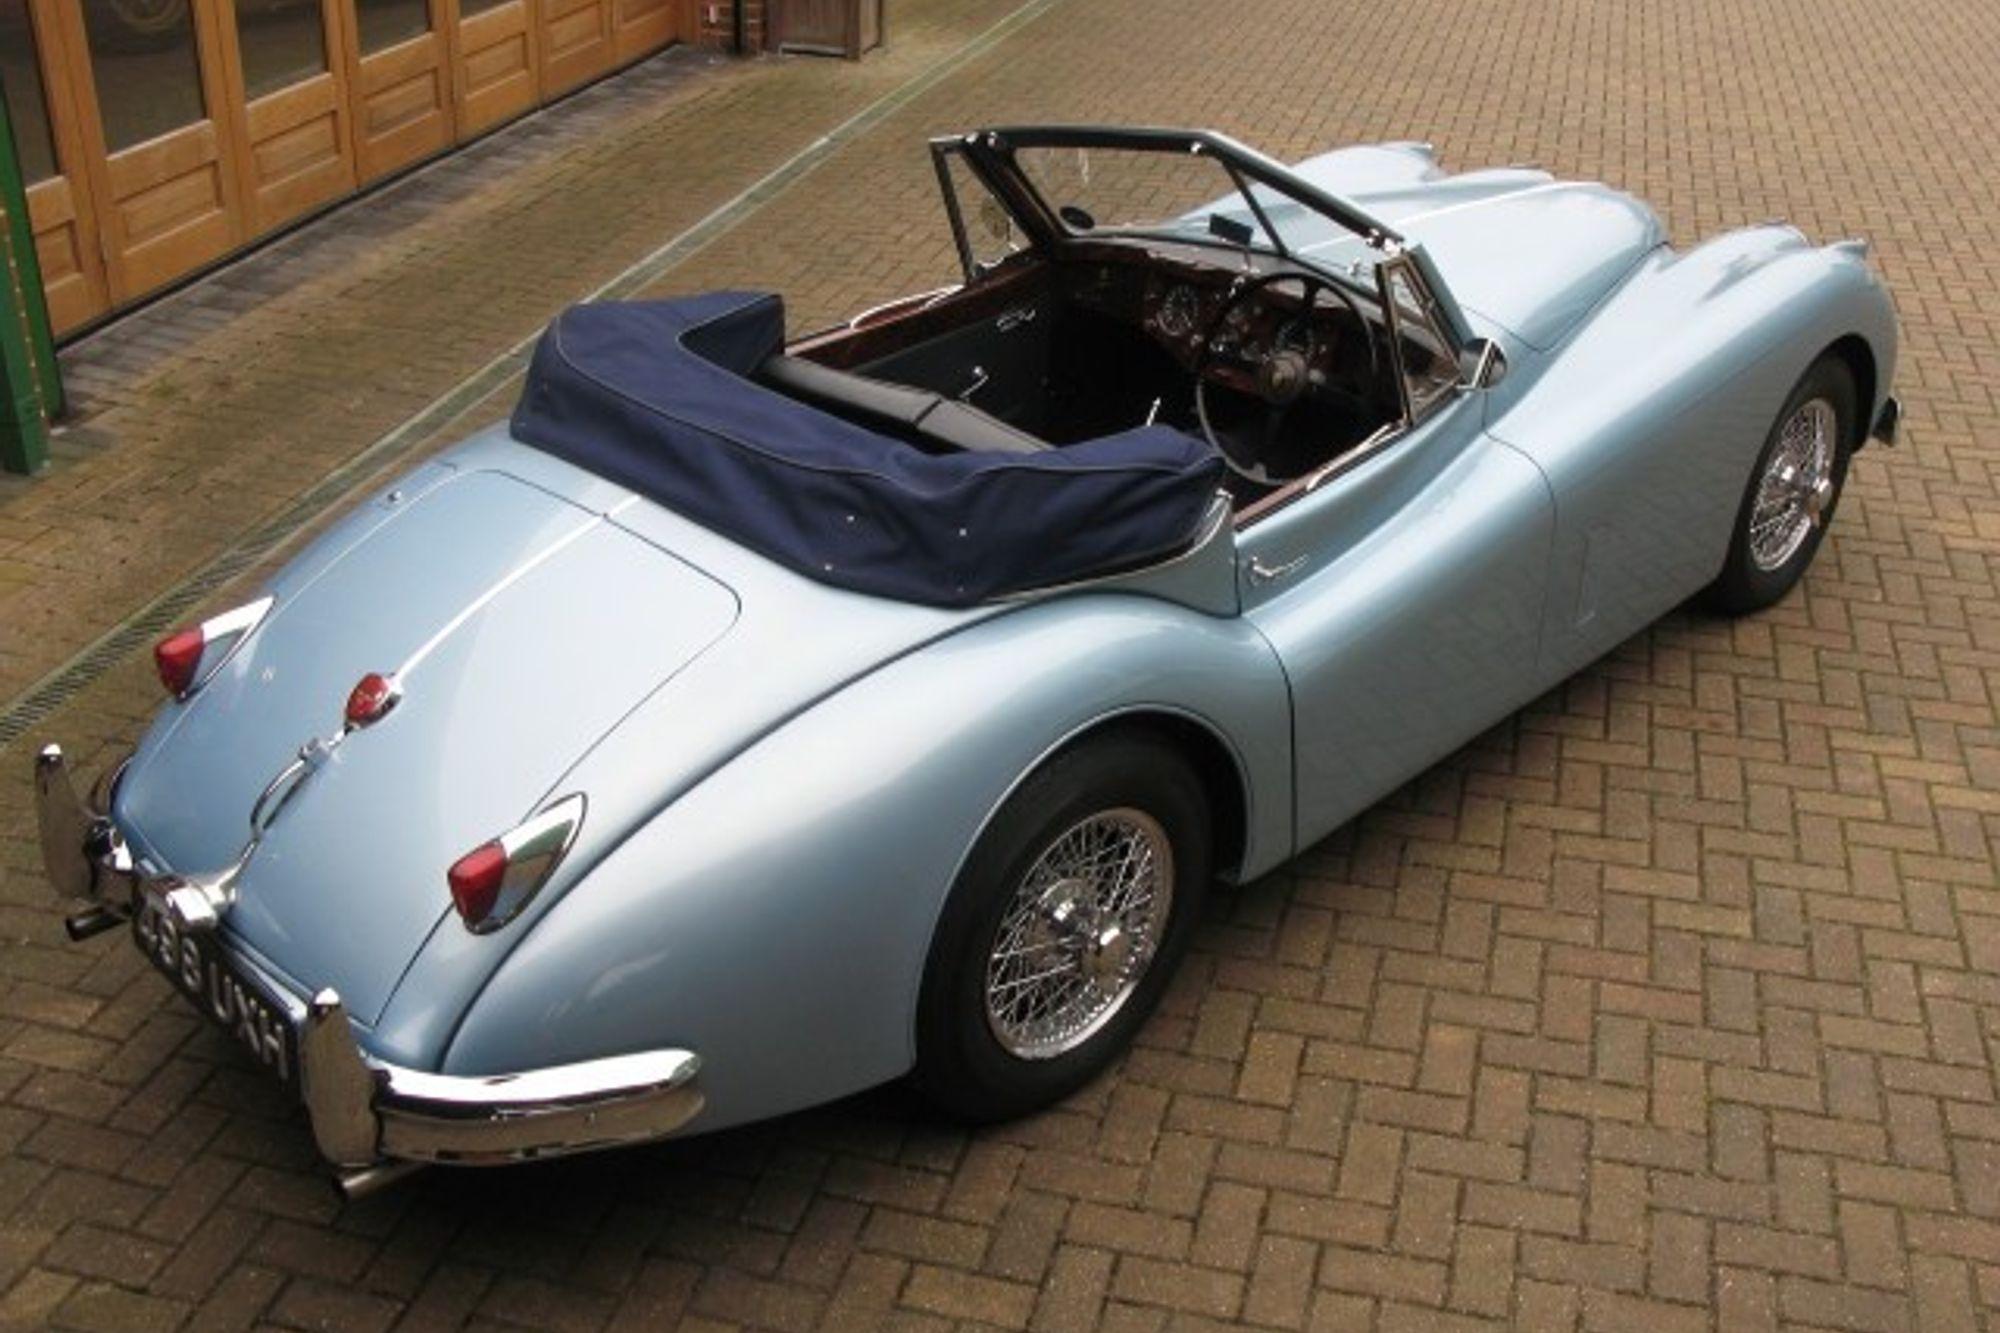 1954 Jaguar XK140 SE | Sold | Woodham Mortimer